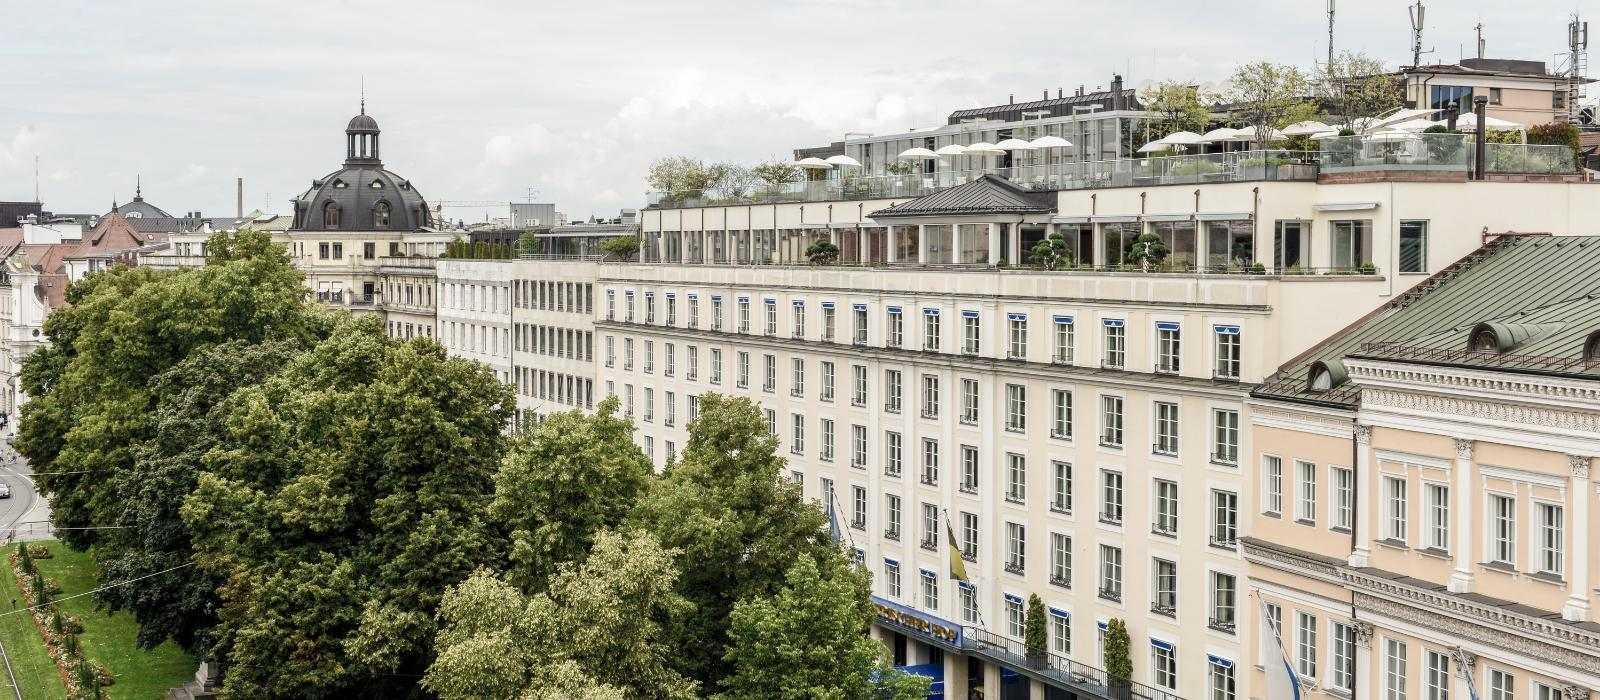 巴伐利亚宫廷酒店(Bayerischer Hof)【 慕尼黑,德国】 酒店  www.lhw.cn